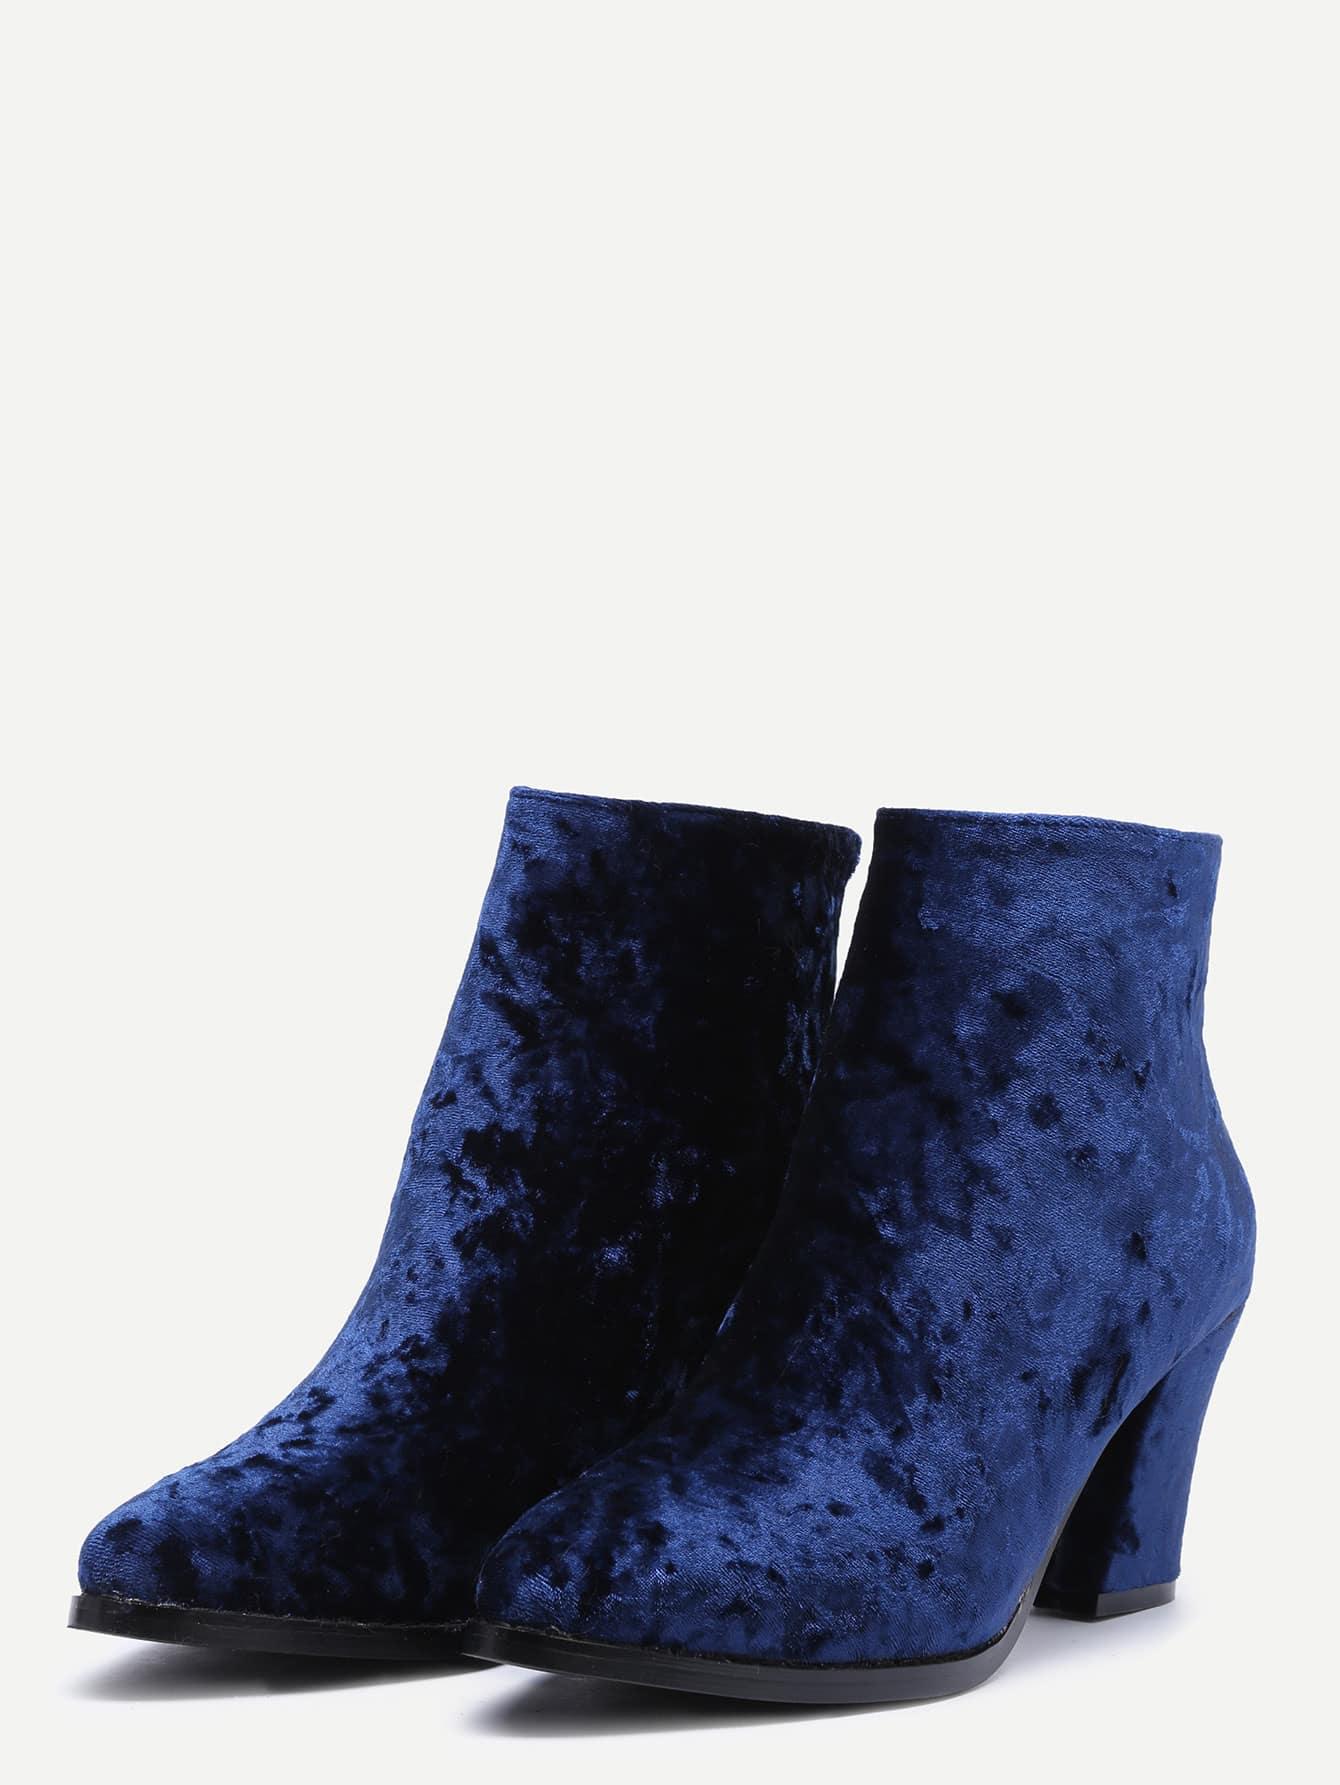 shoes161021802_2